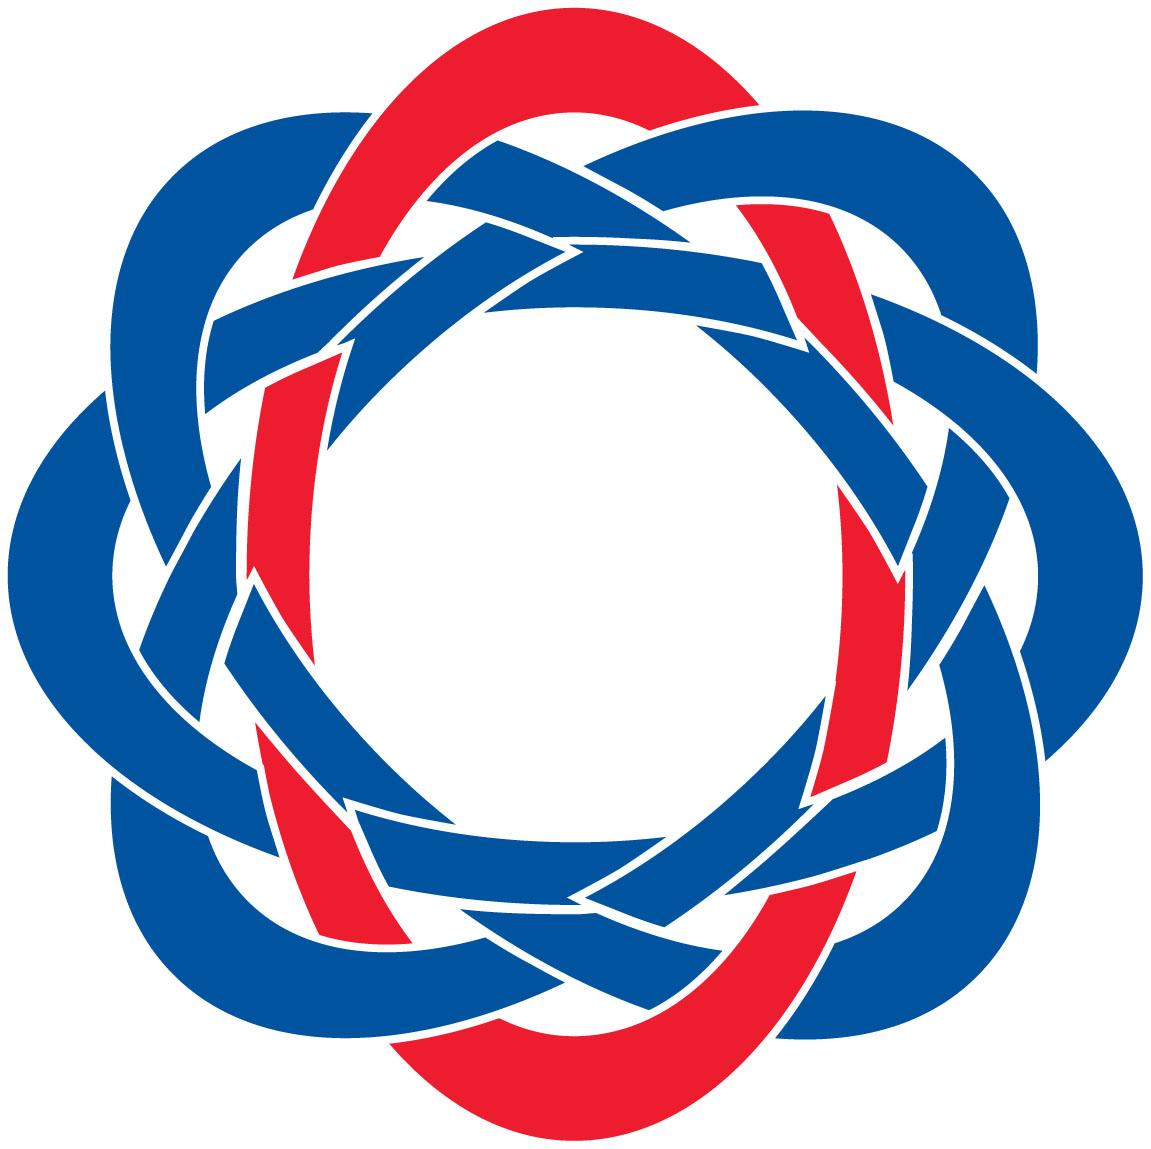 logo for World Savings Banks Institute